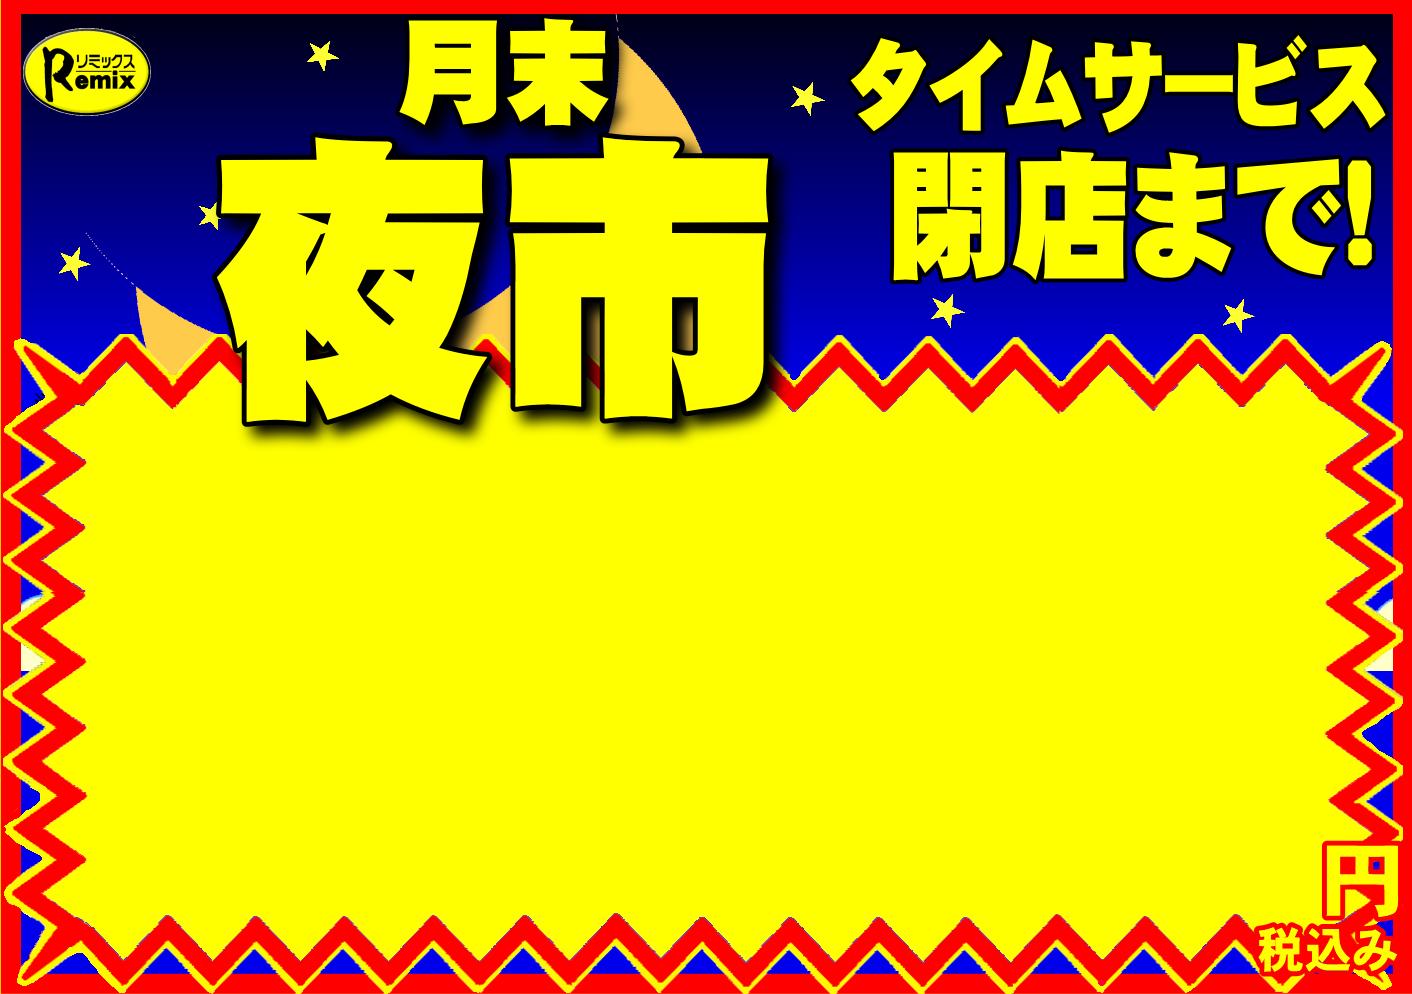 10月27日(土)は夜市開催!春日井熱帯魚